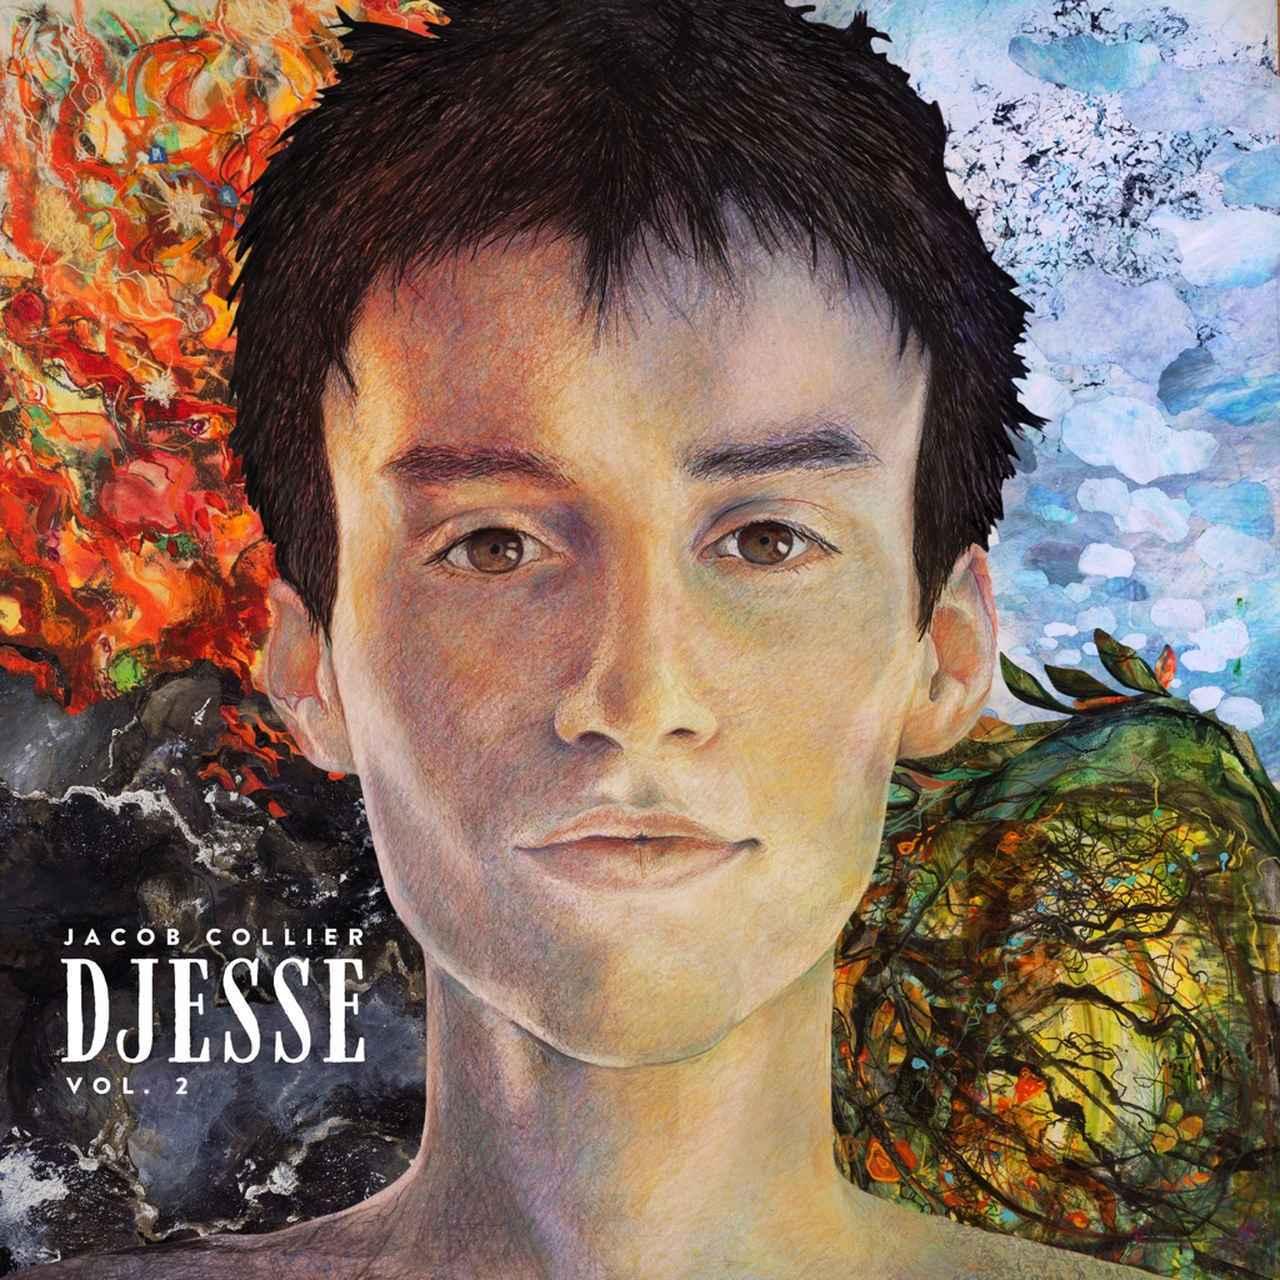 画像: Djesse Vol. 2 / ジェイコブ・コリアー